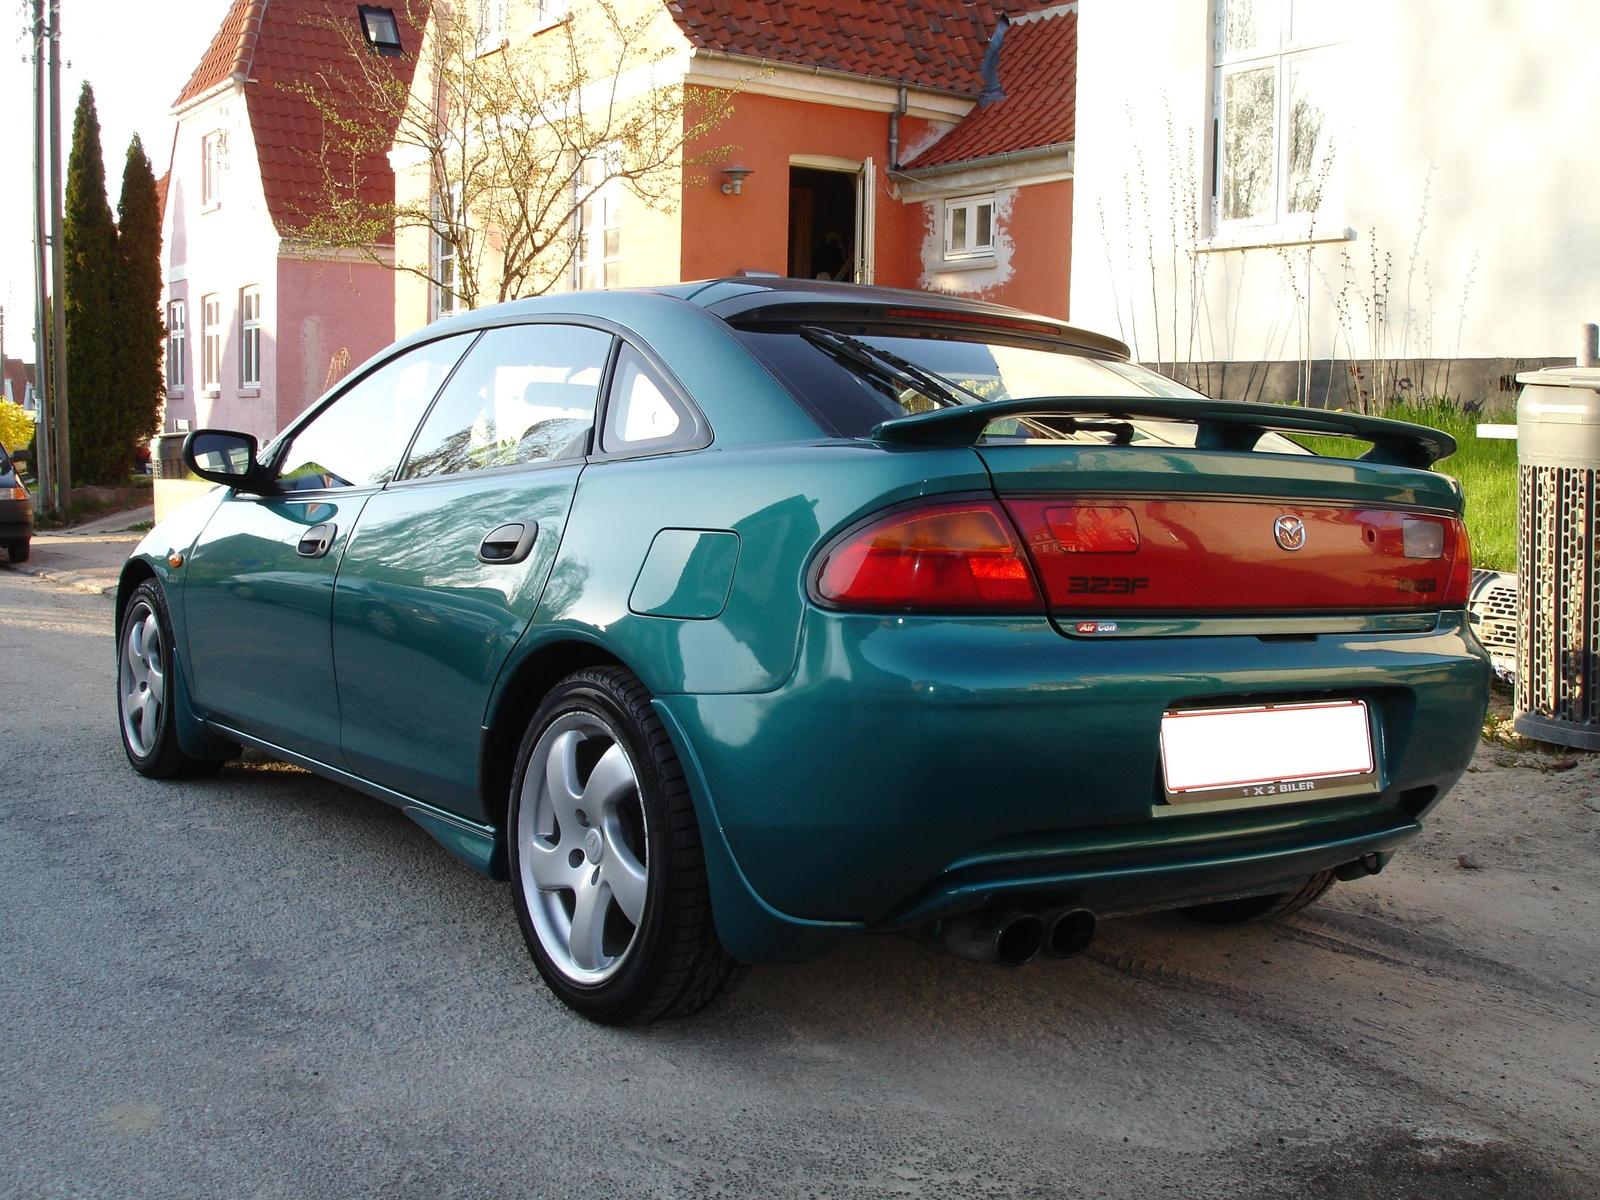 1999 Mazda Tribute